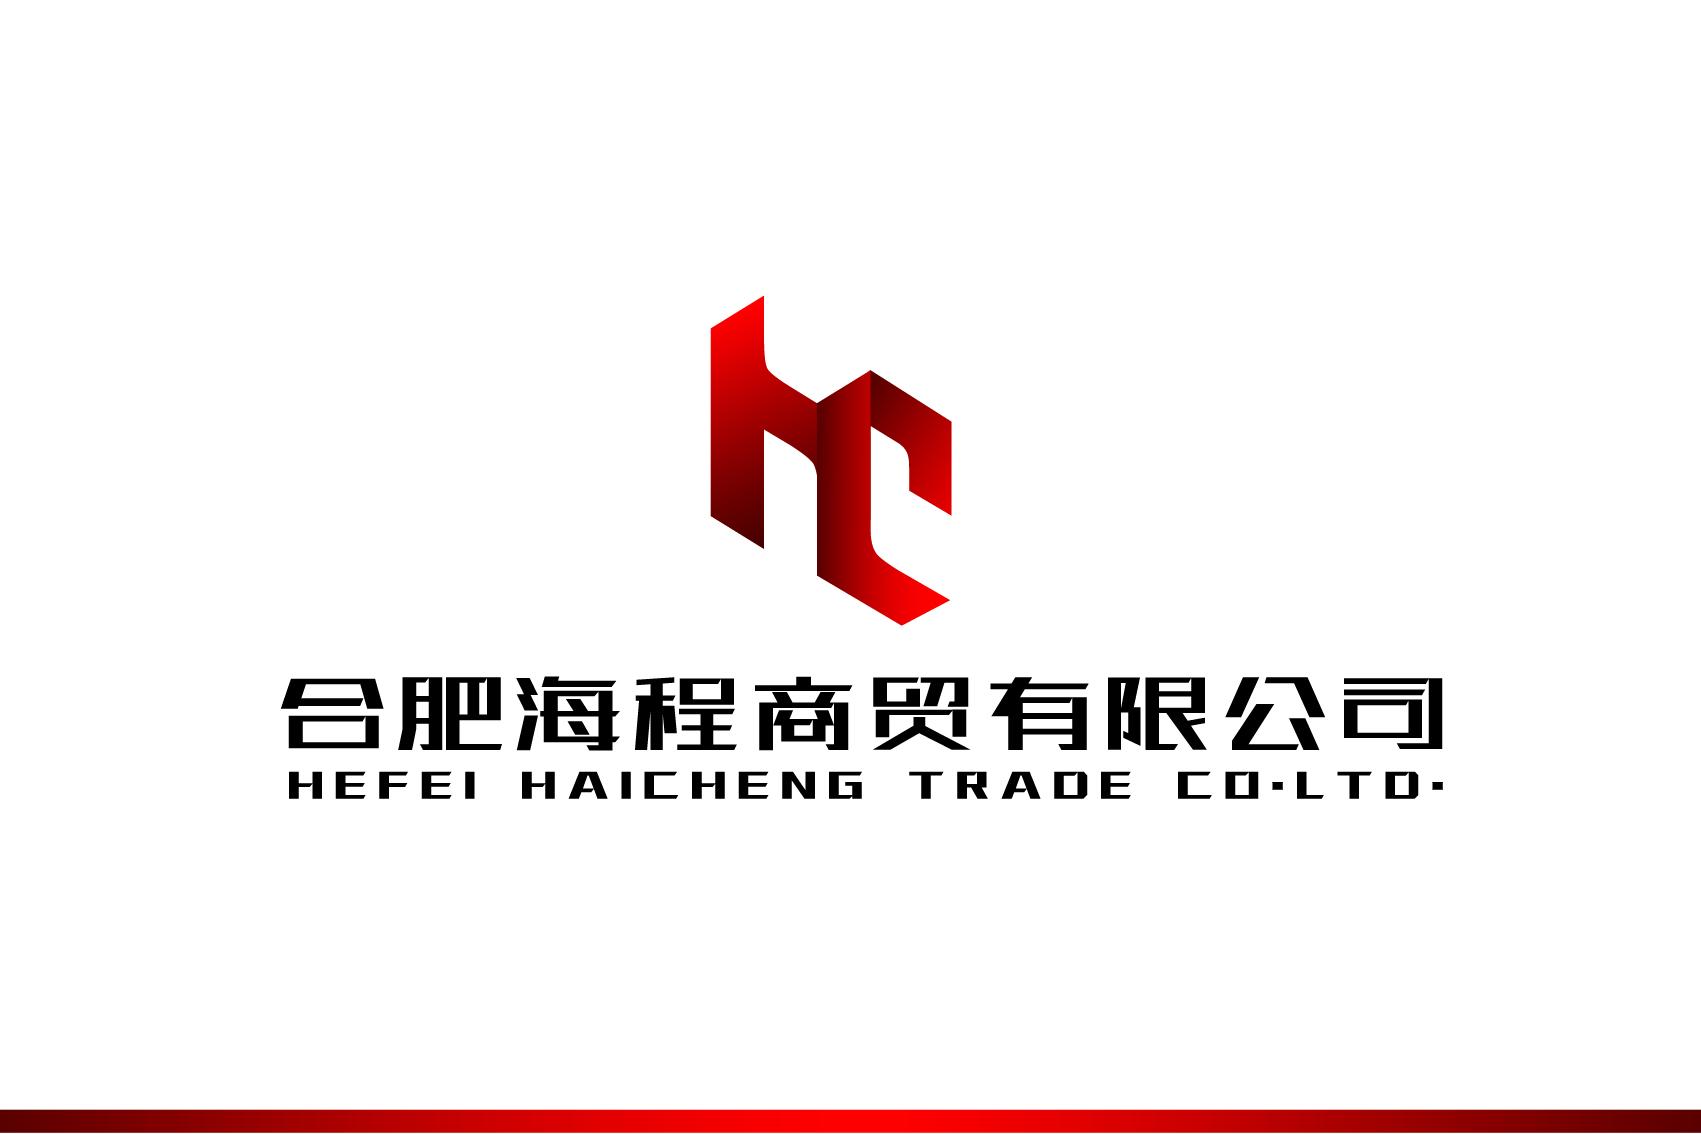 合肥海程商贸有限公司logo